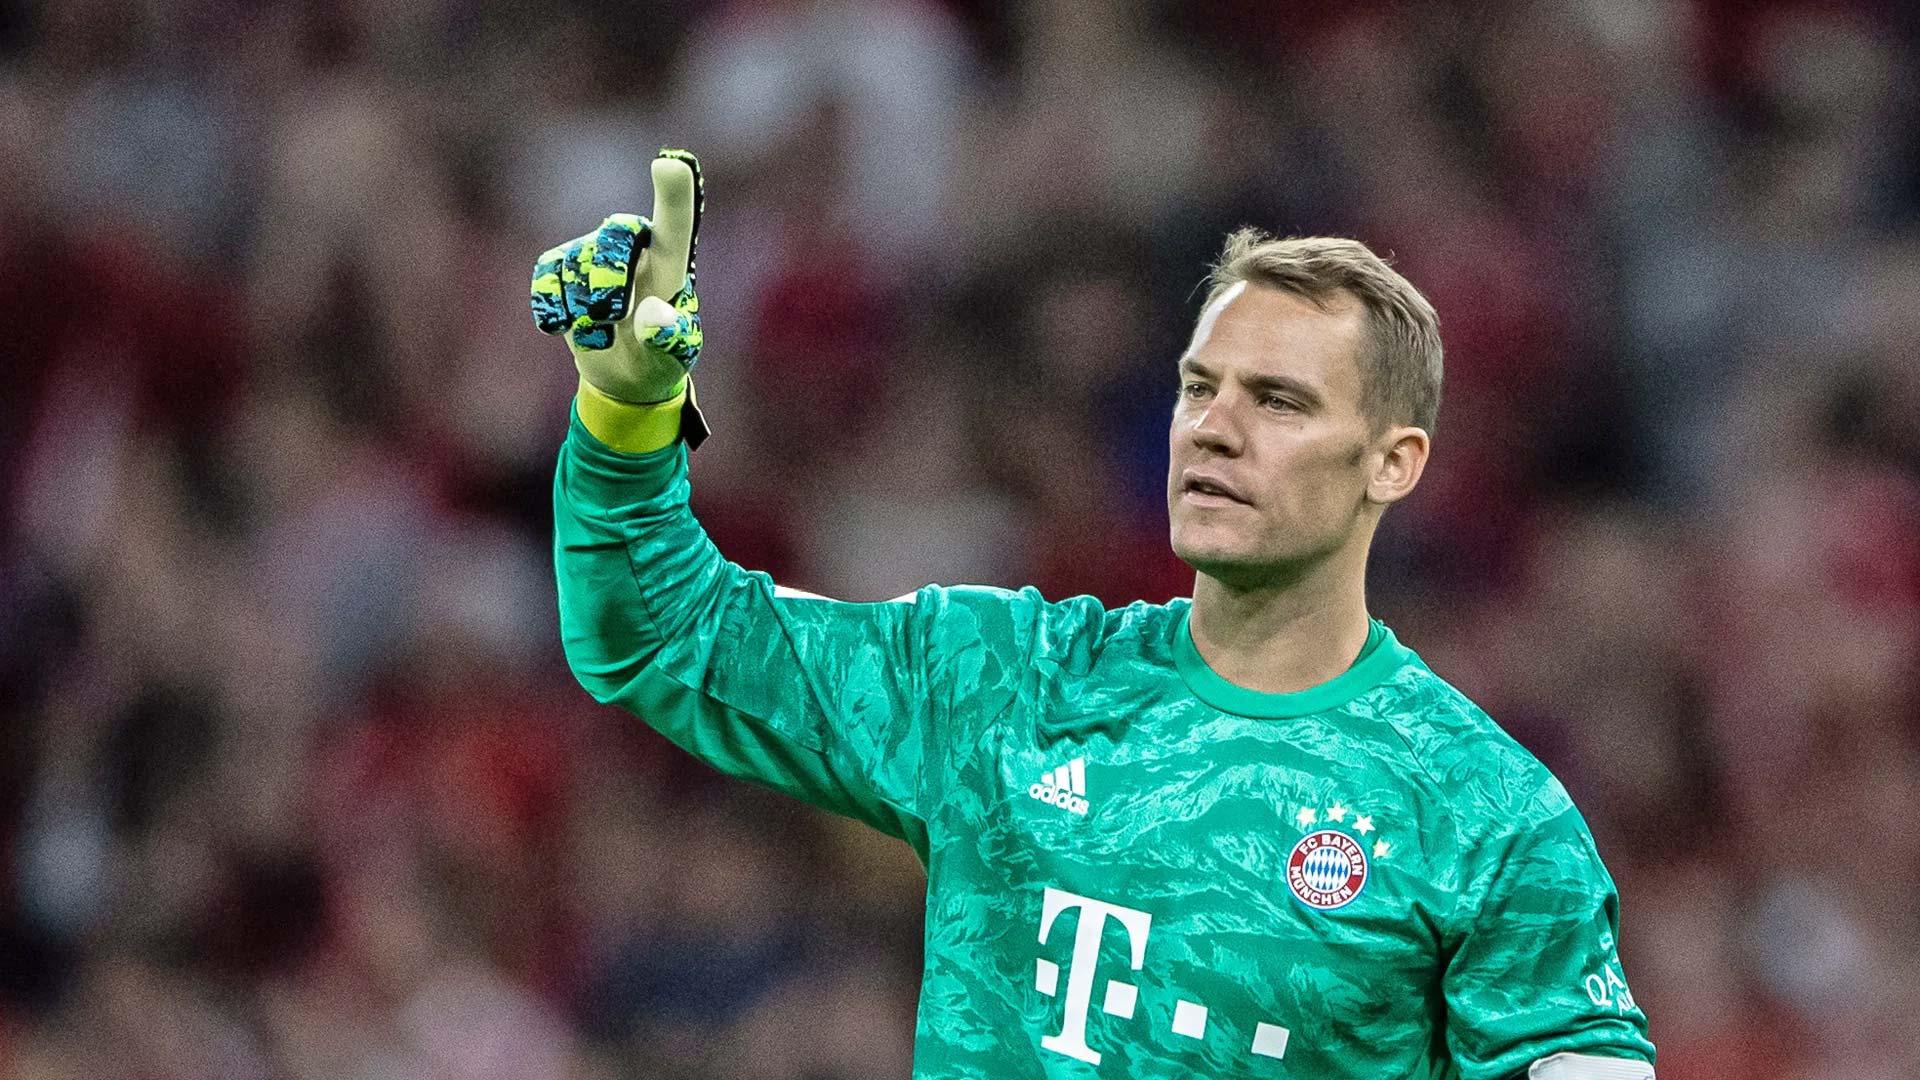 Top 10 thủ môn xuất sắc nhất năm 2020: Neuer số 1, De Gea vẫn góp mặt